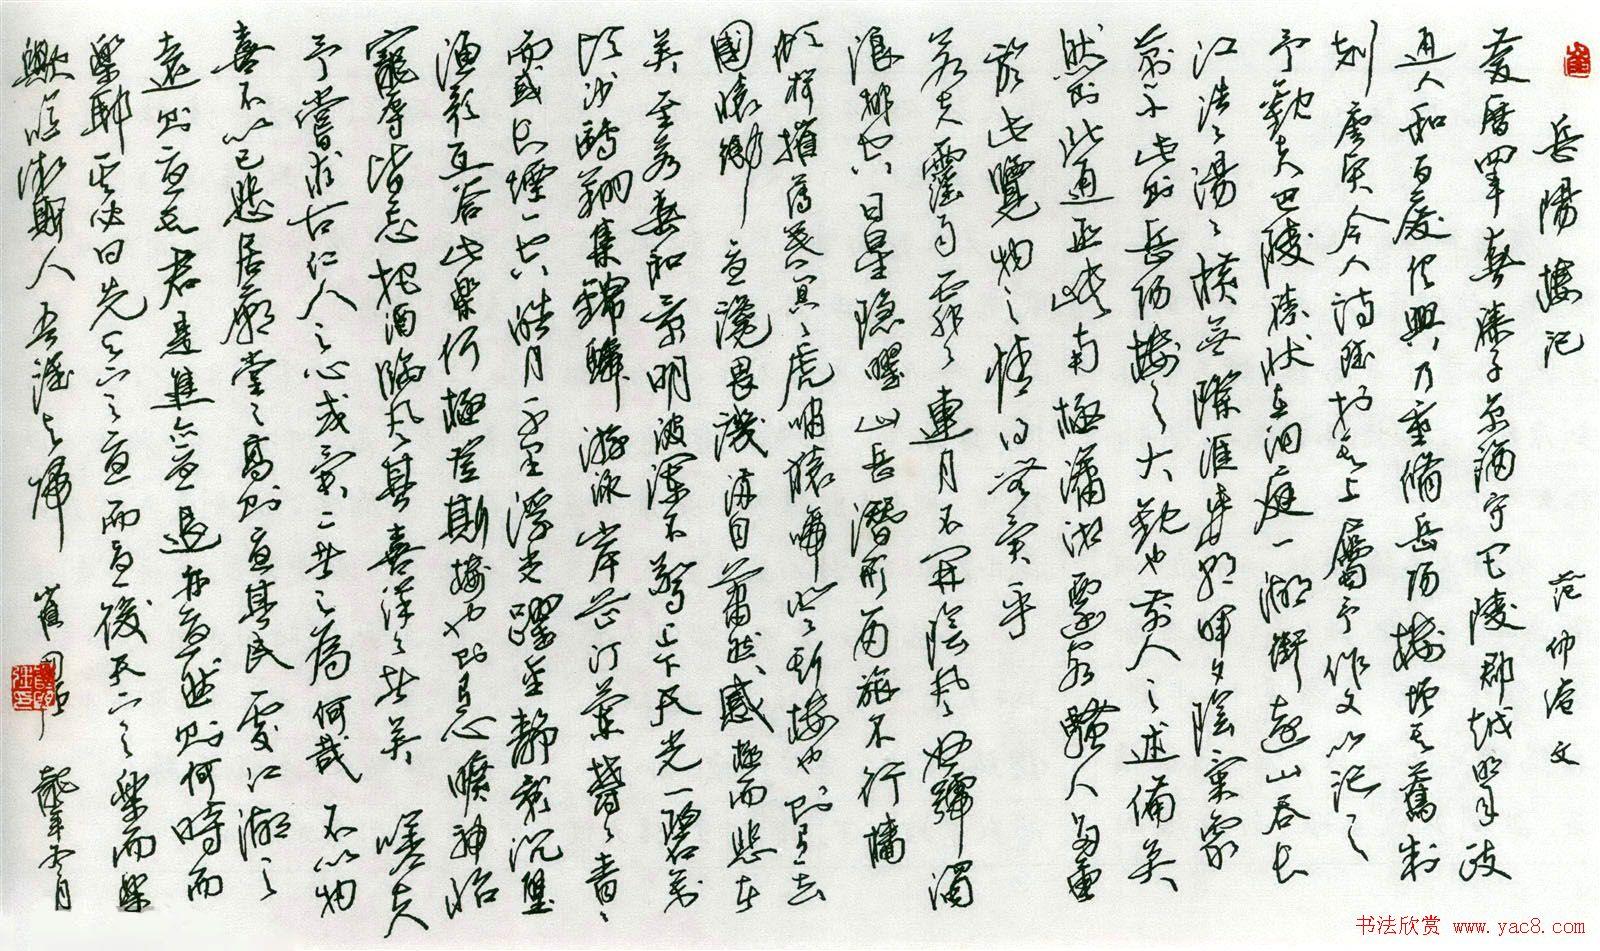 名家硬笔书法欣赏《岳阳楼记》作品辑